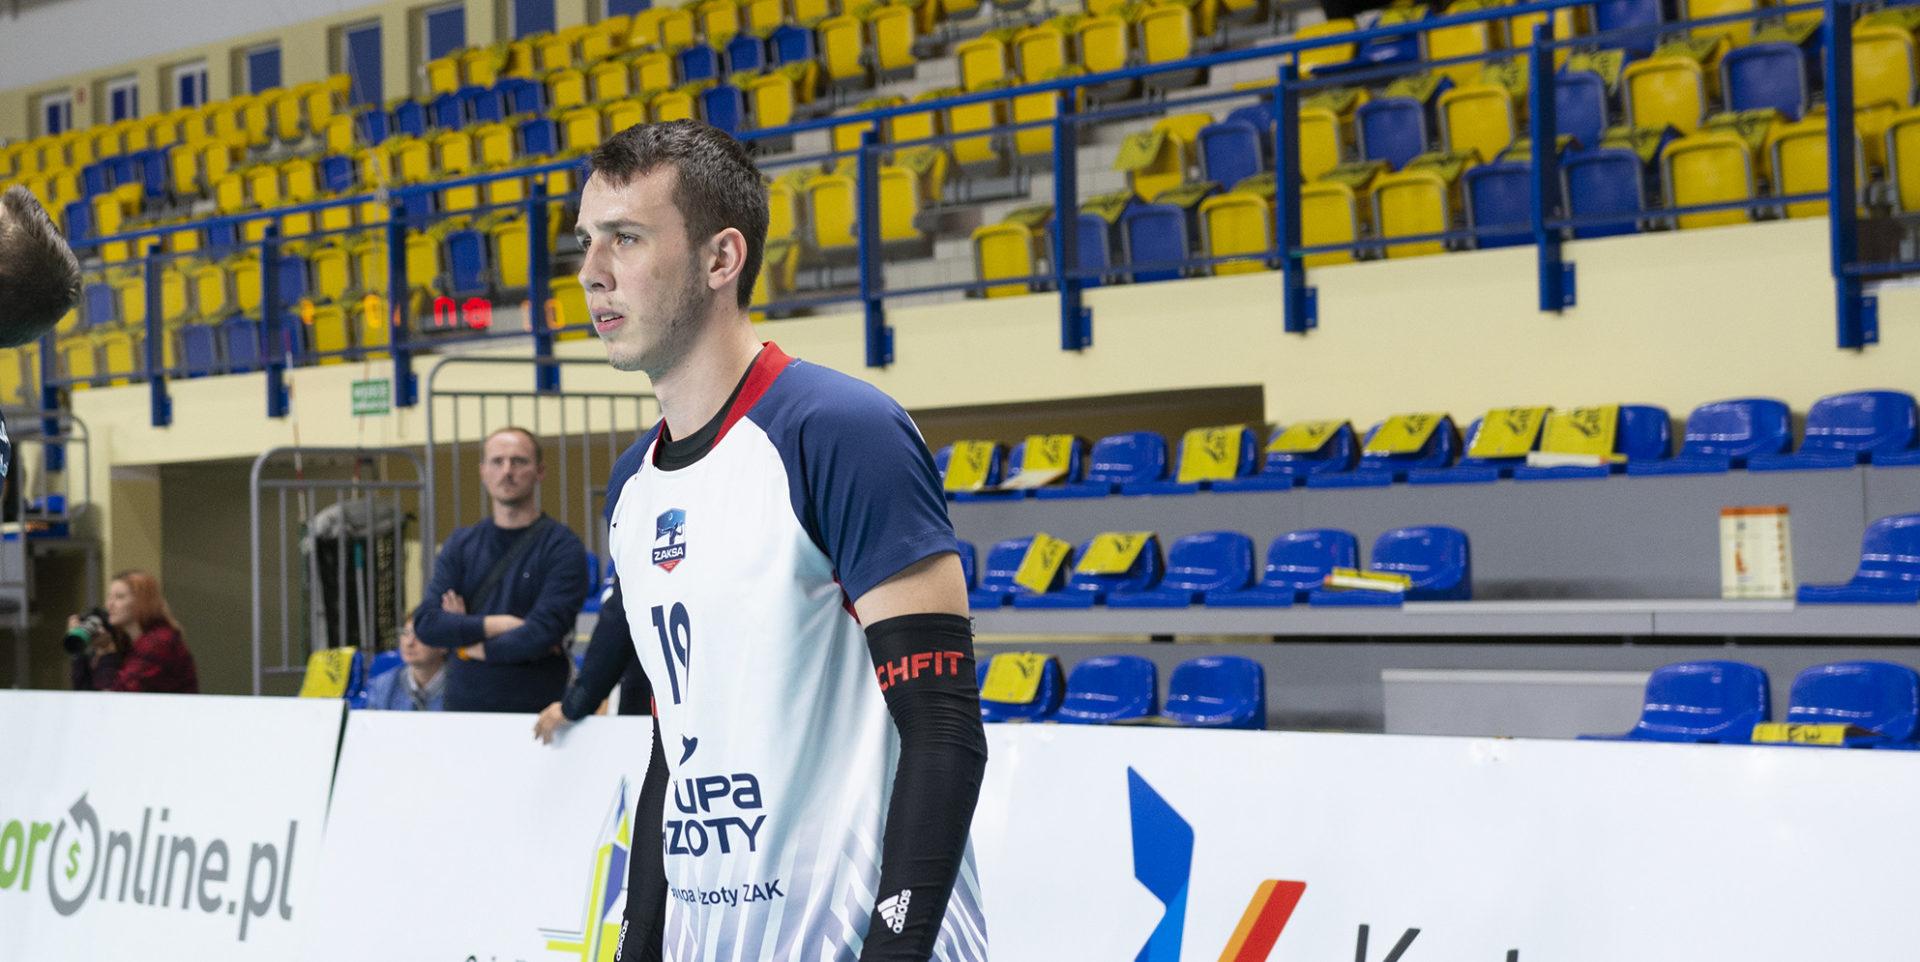 Kamil Szymura: Chcę uczyć się jak najwięcej